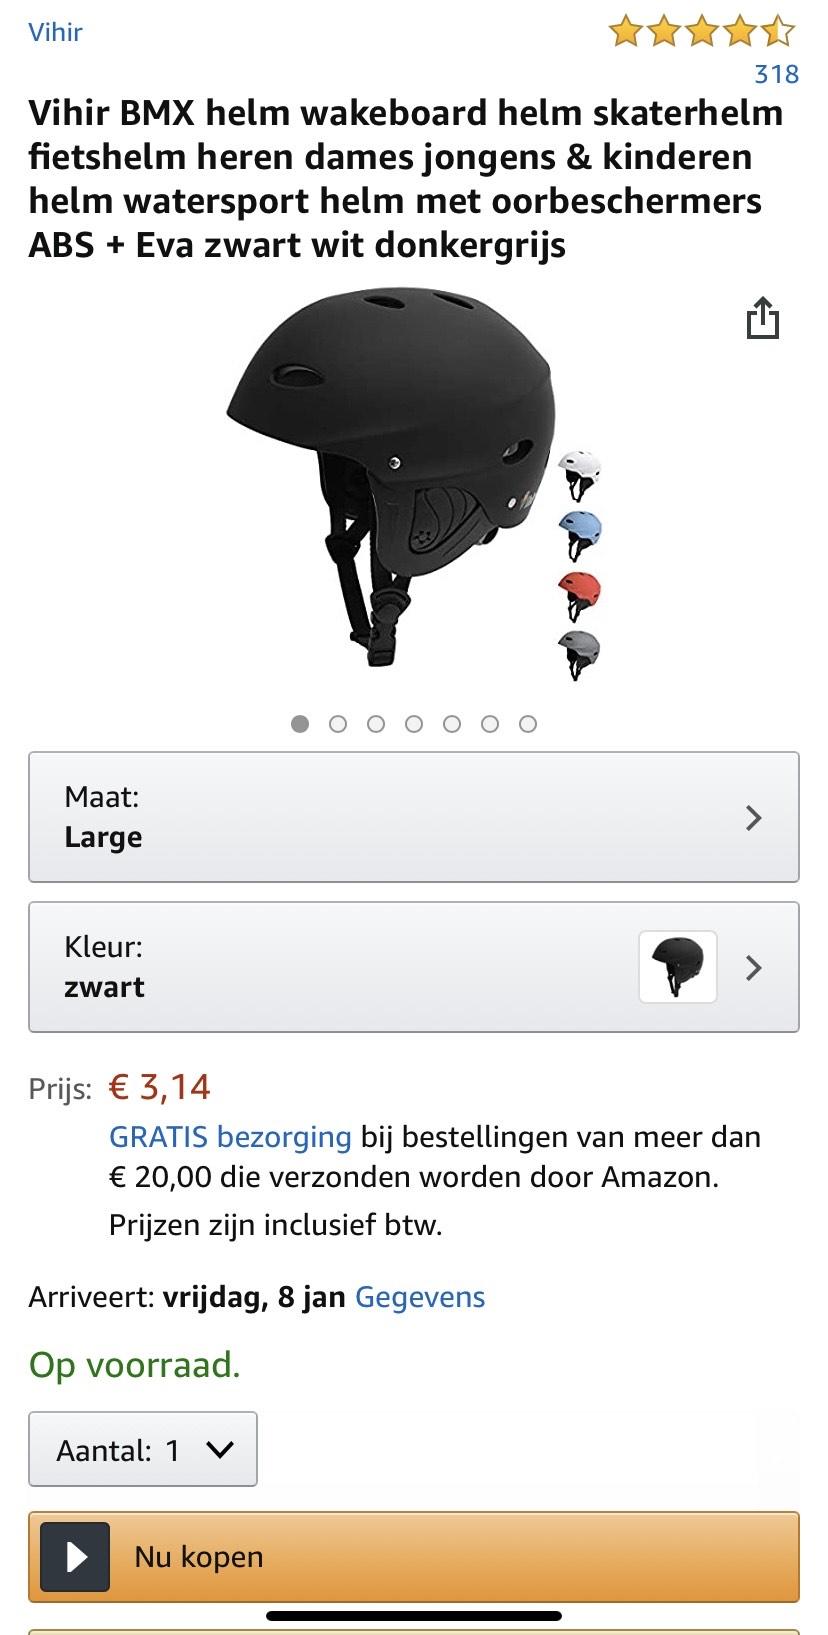 Fietshelm maat L bij Amazon.nl